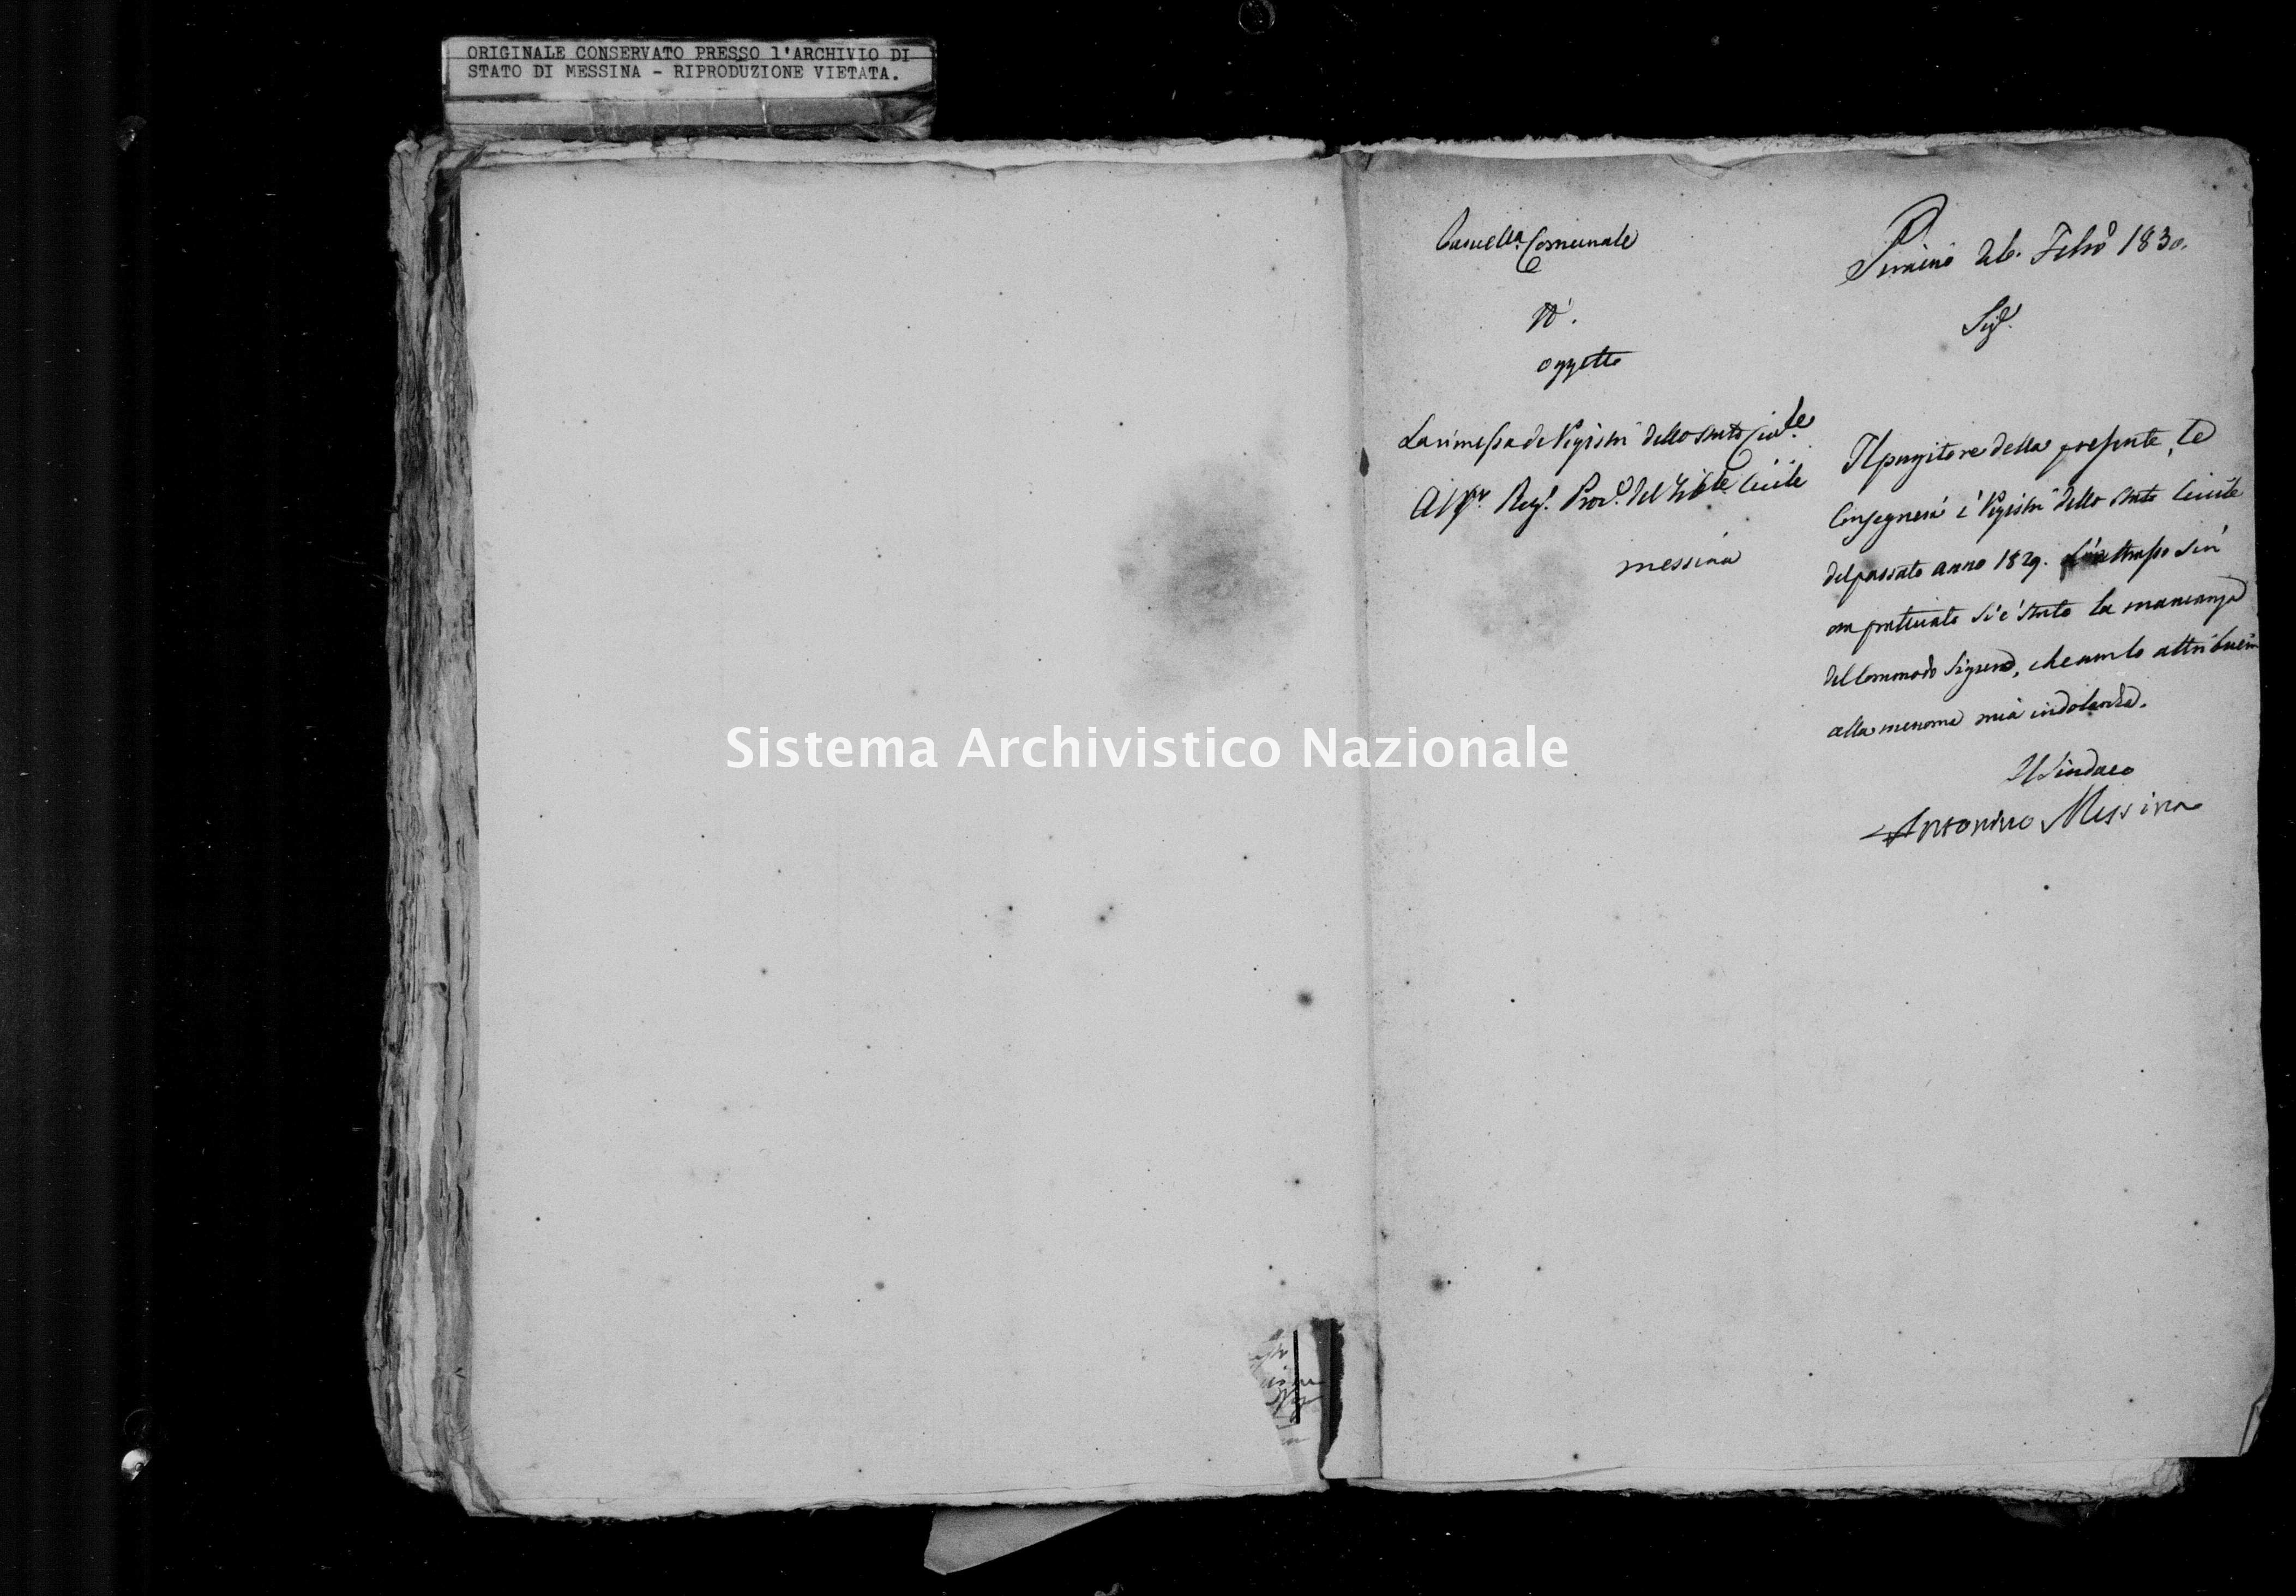 Archivio di stato di Messina - Stato civile della restaurazione - Piraino - Inventario - 1829 - 1051 -